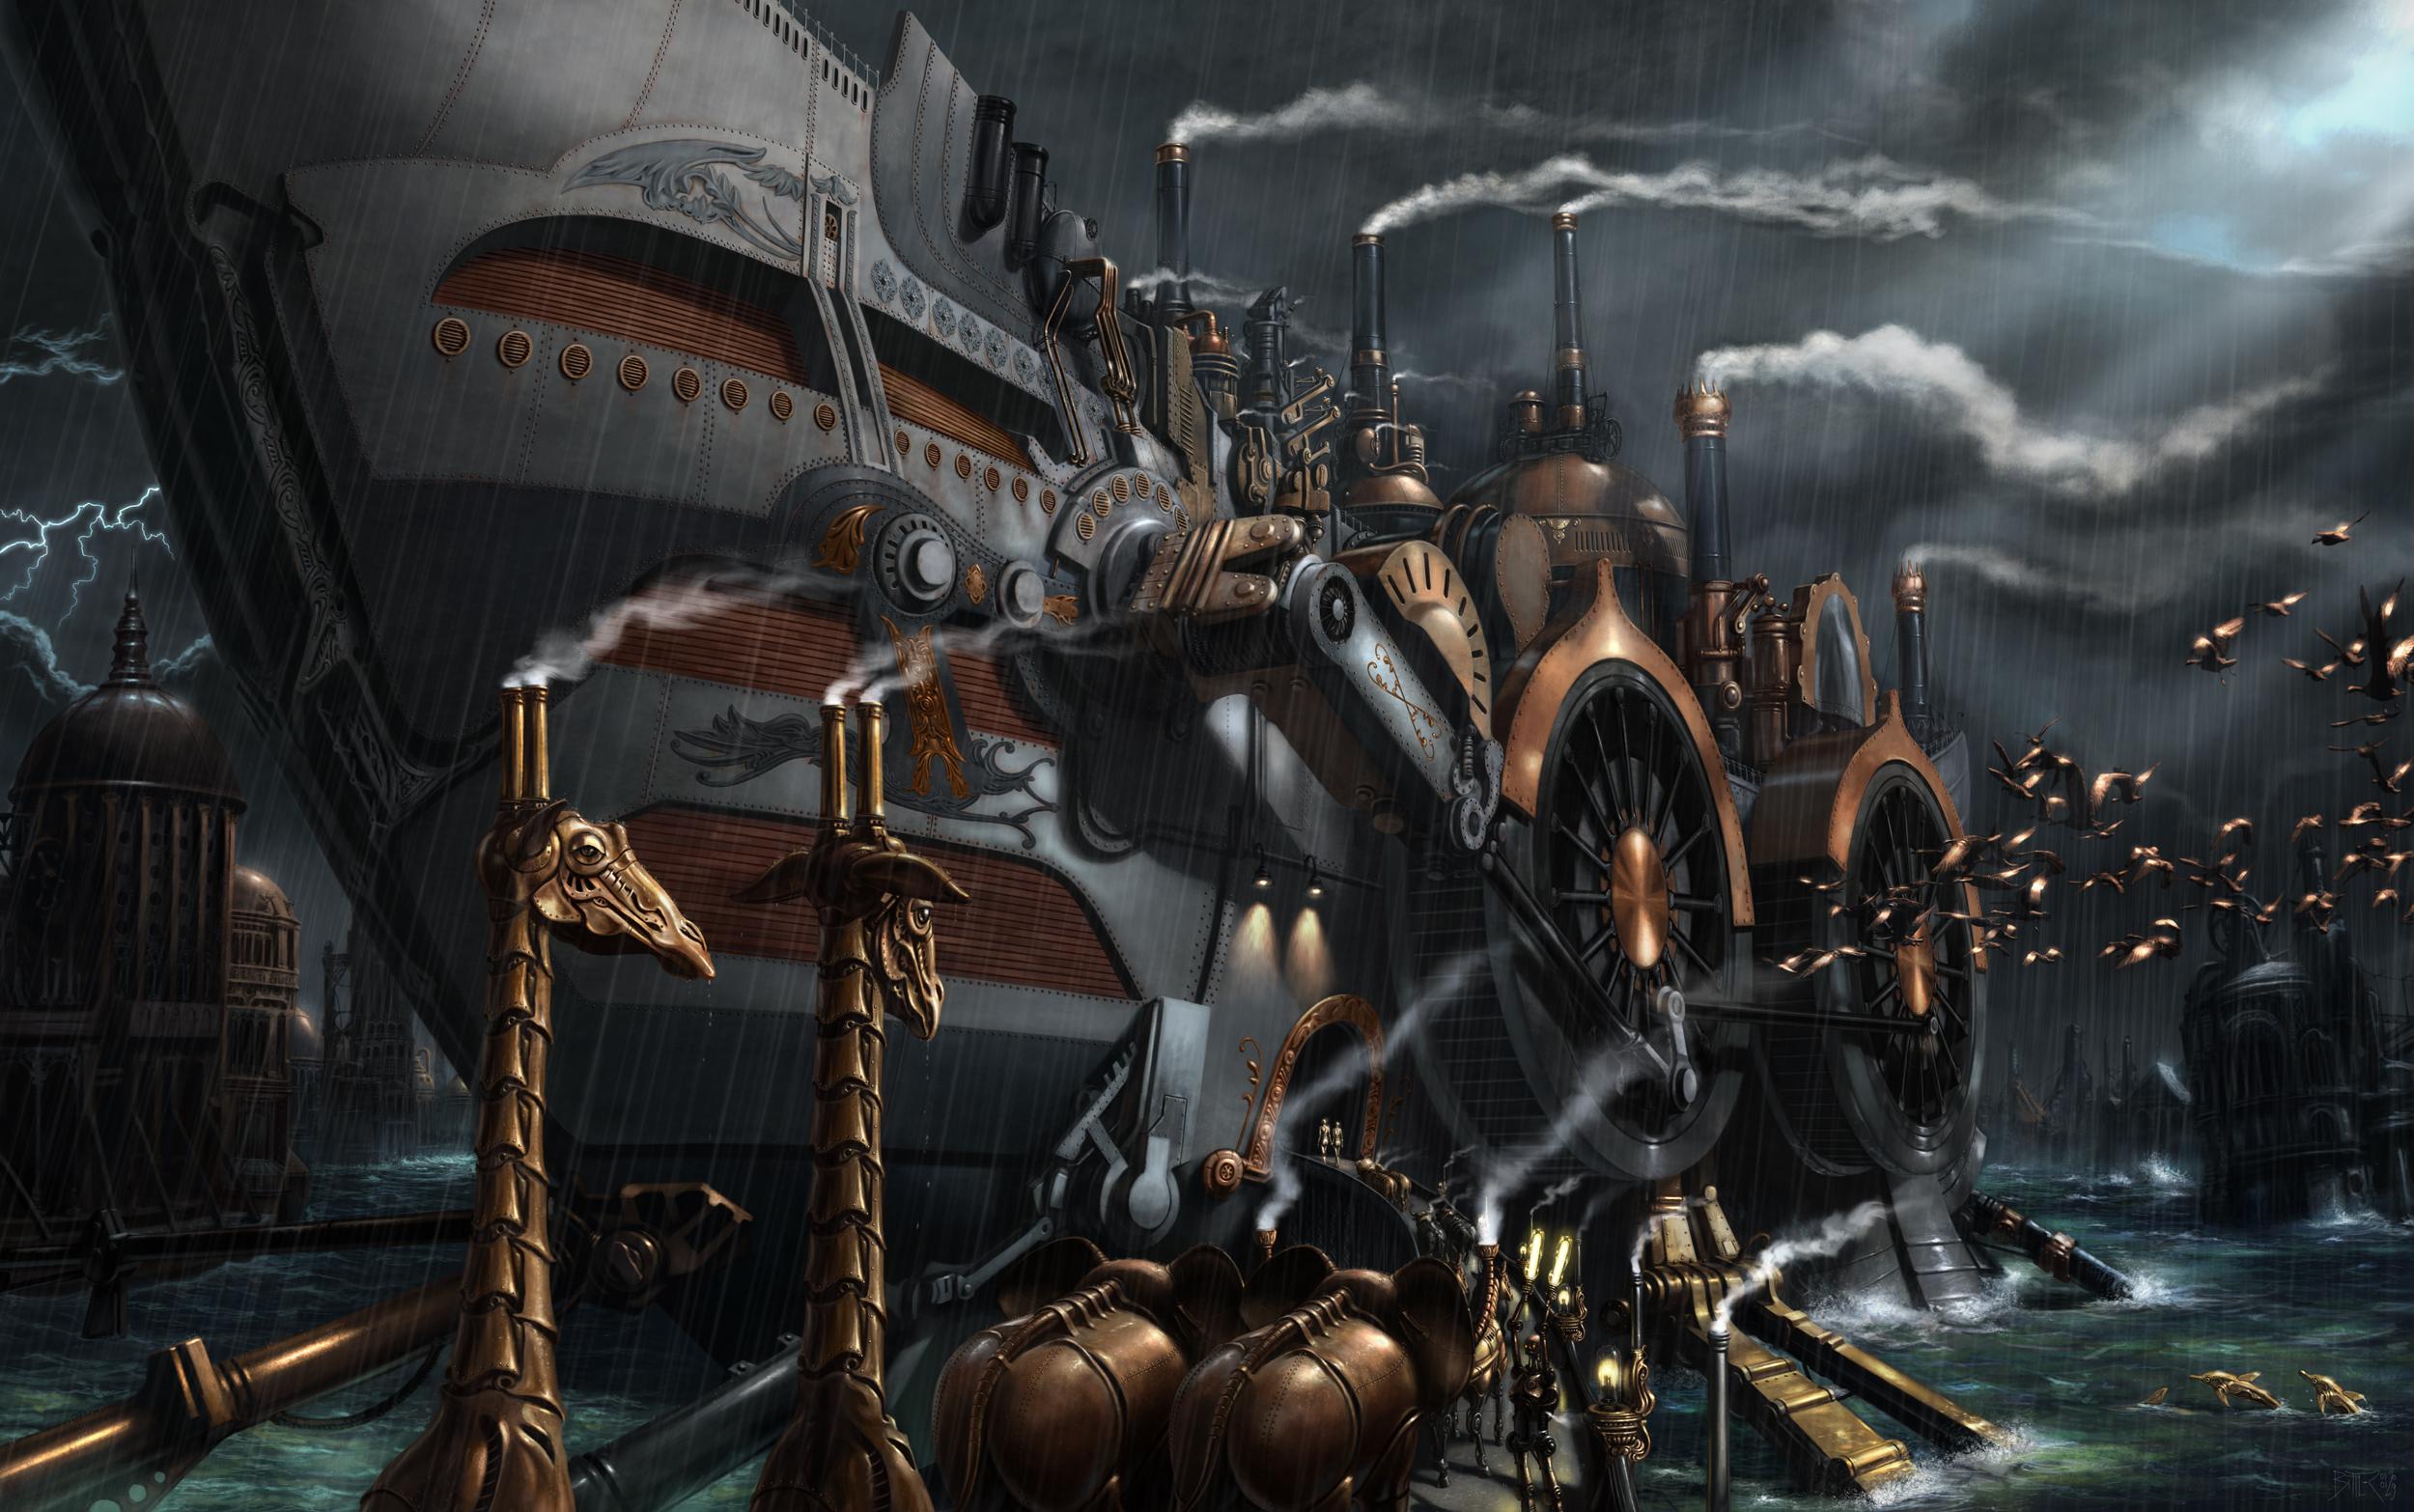 Steampunk Computer Wallpapers, Desktop Backgrounds